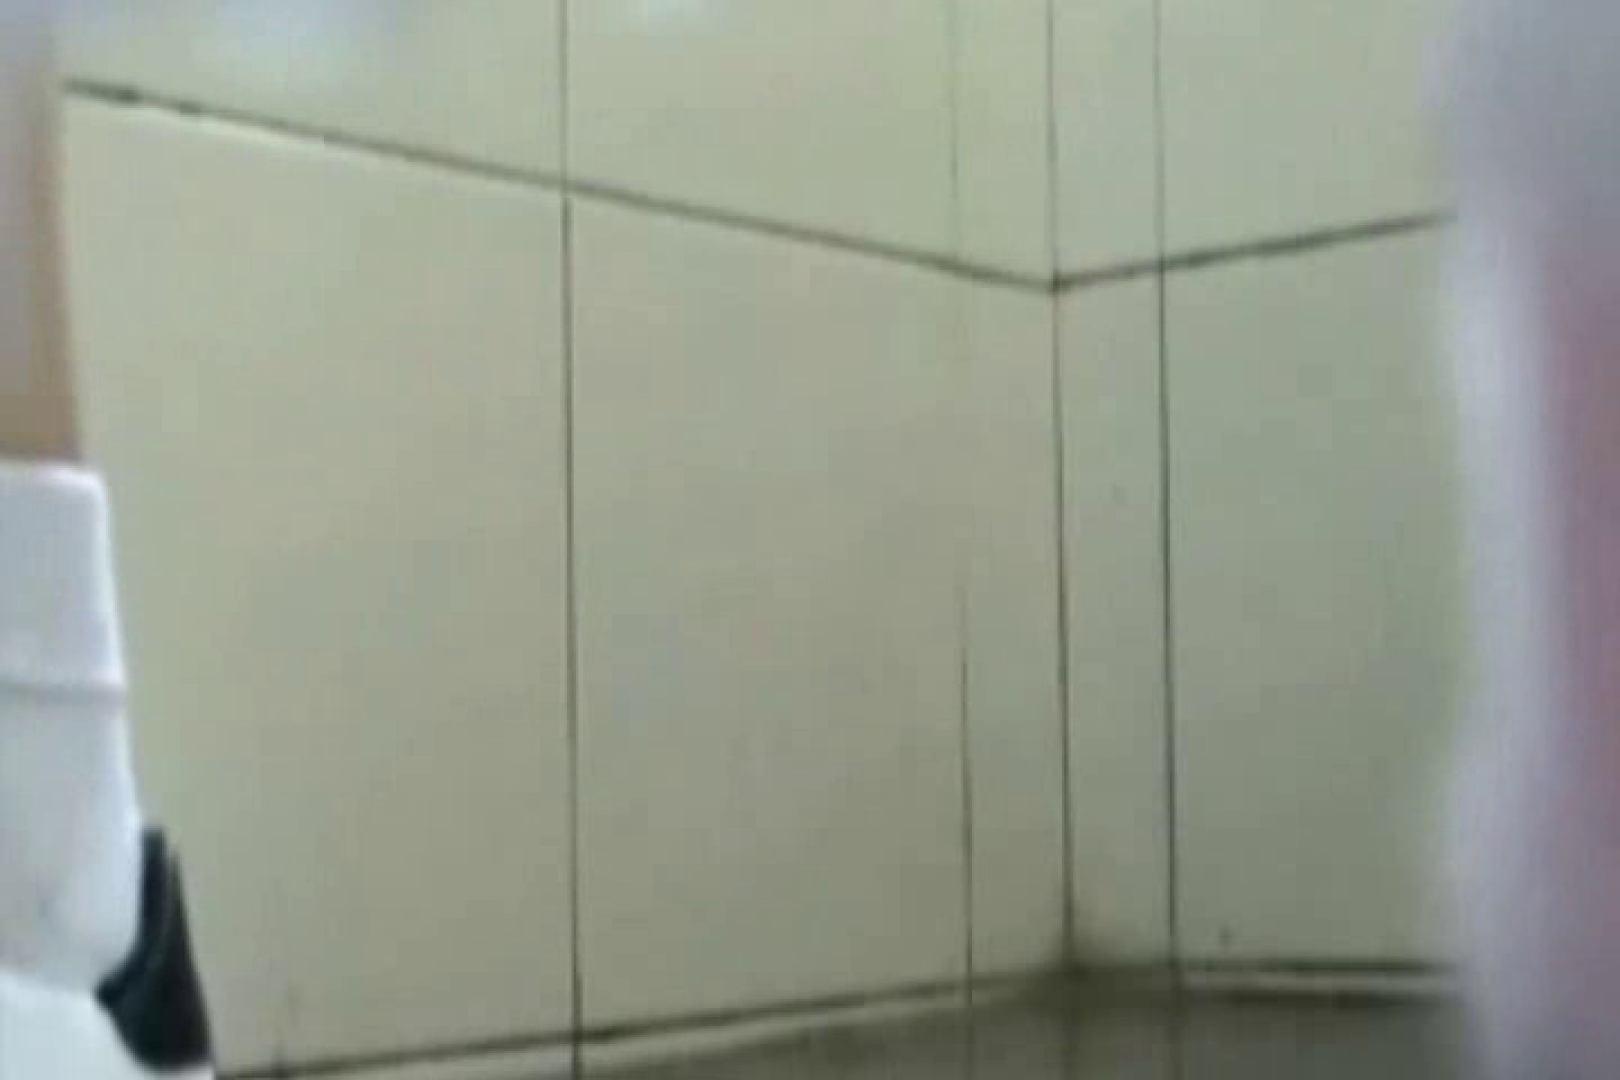 ぼっとん洗面所スペシャルVol.13 おまんこ オマンコ無修正動画無料 83pic 71